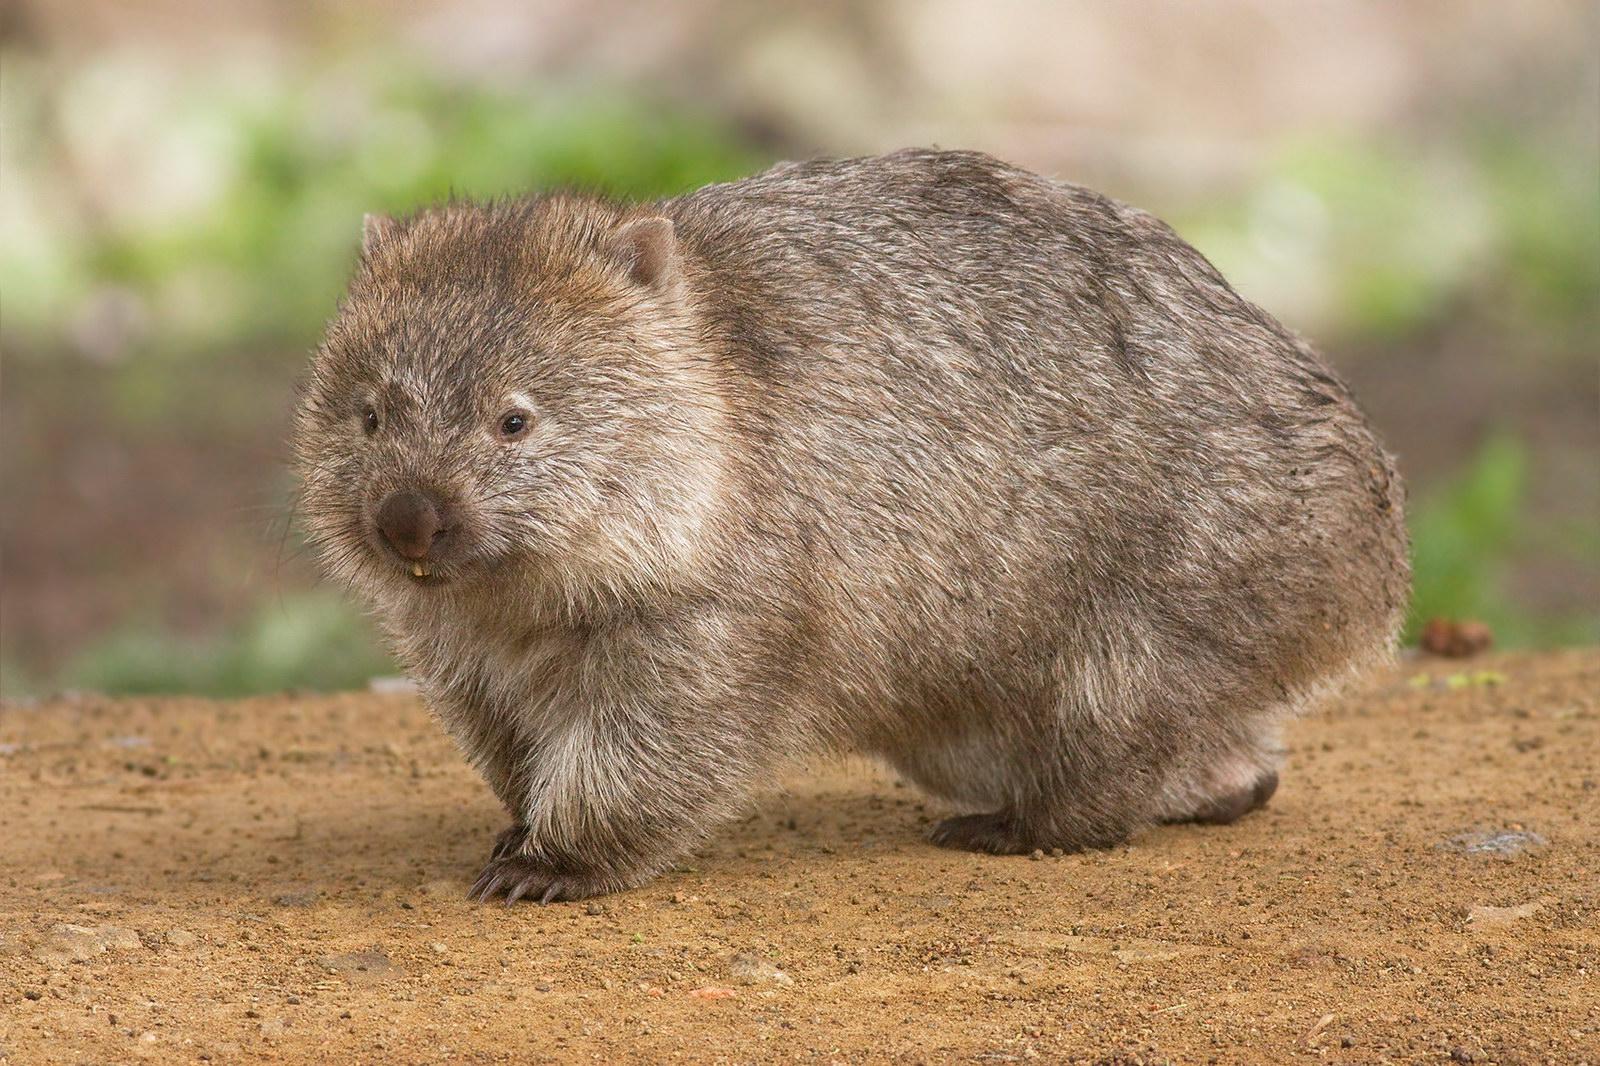 Wombat - Vombatus ursinus